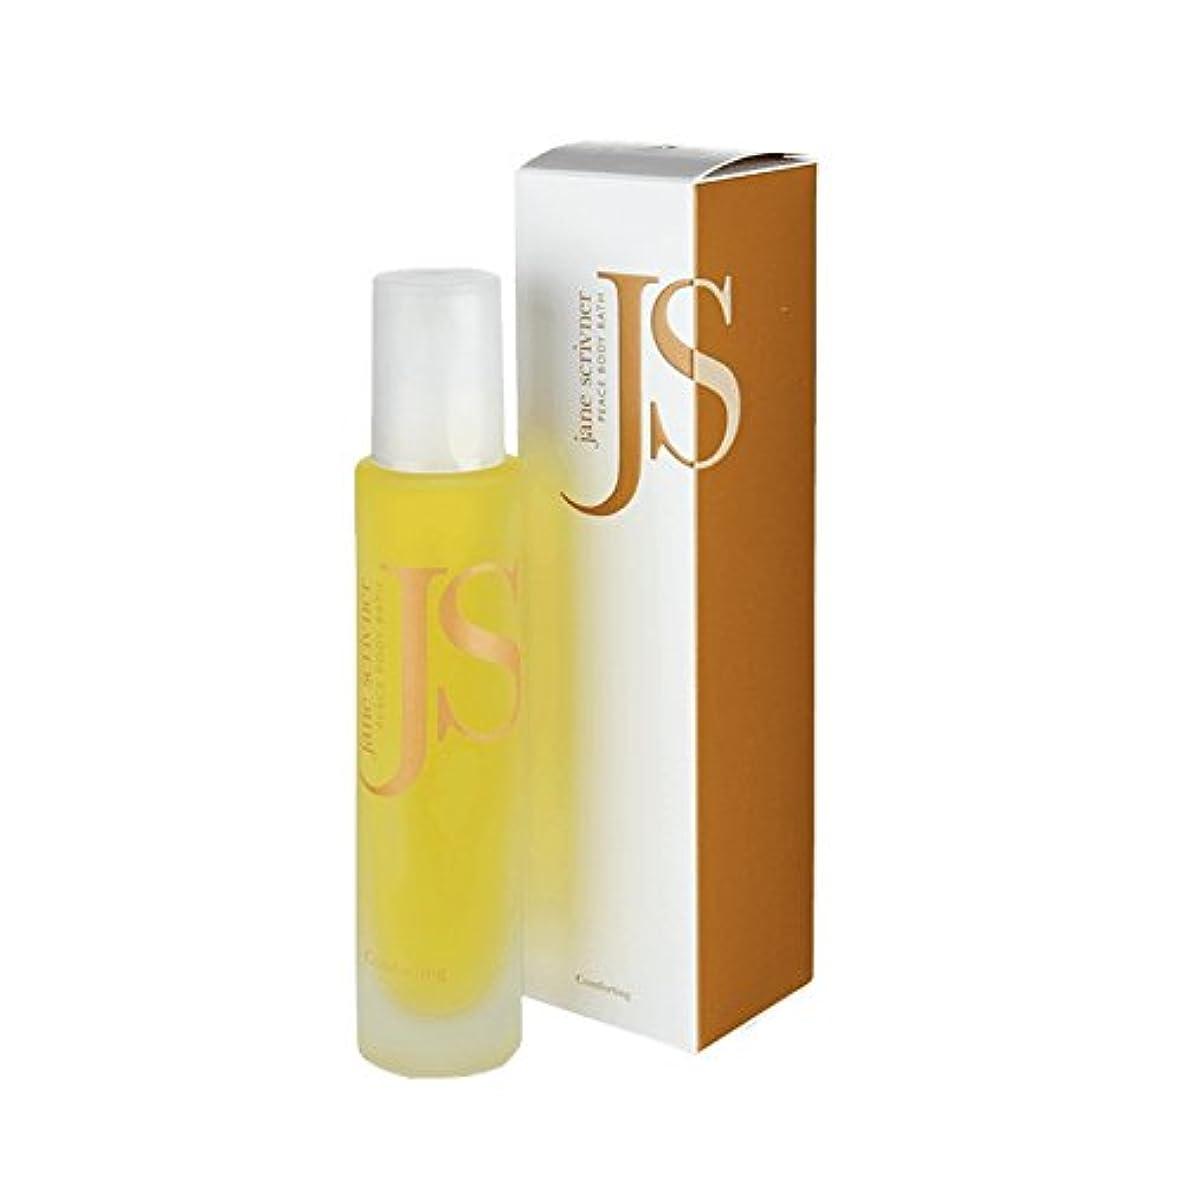 ジョグ積分絶望ジェーンScrivnerボディバスオイル平和100ミリリットル - Jane Scrivner Body Bath Oil Peace 100ml (Jane Scrivner) [並行輸入品]